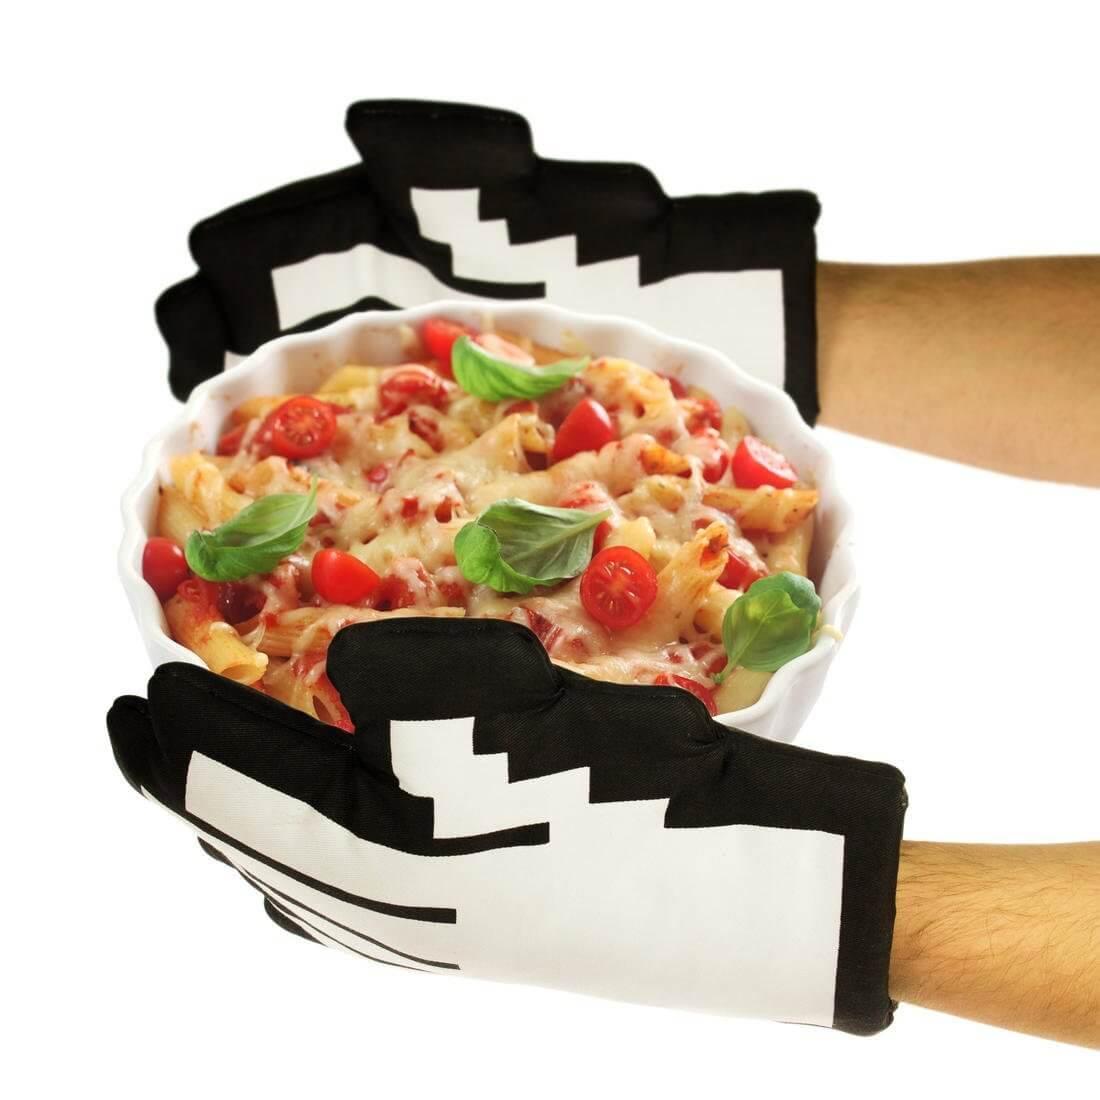 Nerd Geschenke - Die besten Gadgets für Geeks - Ofenhandschuhe im Pixel-Design